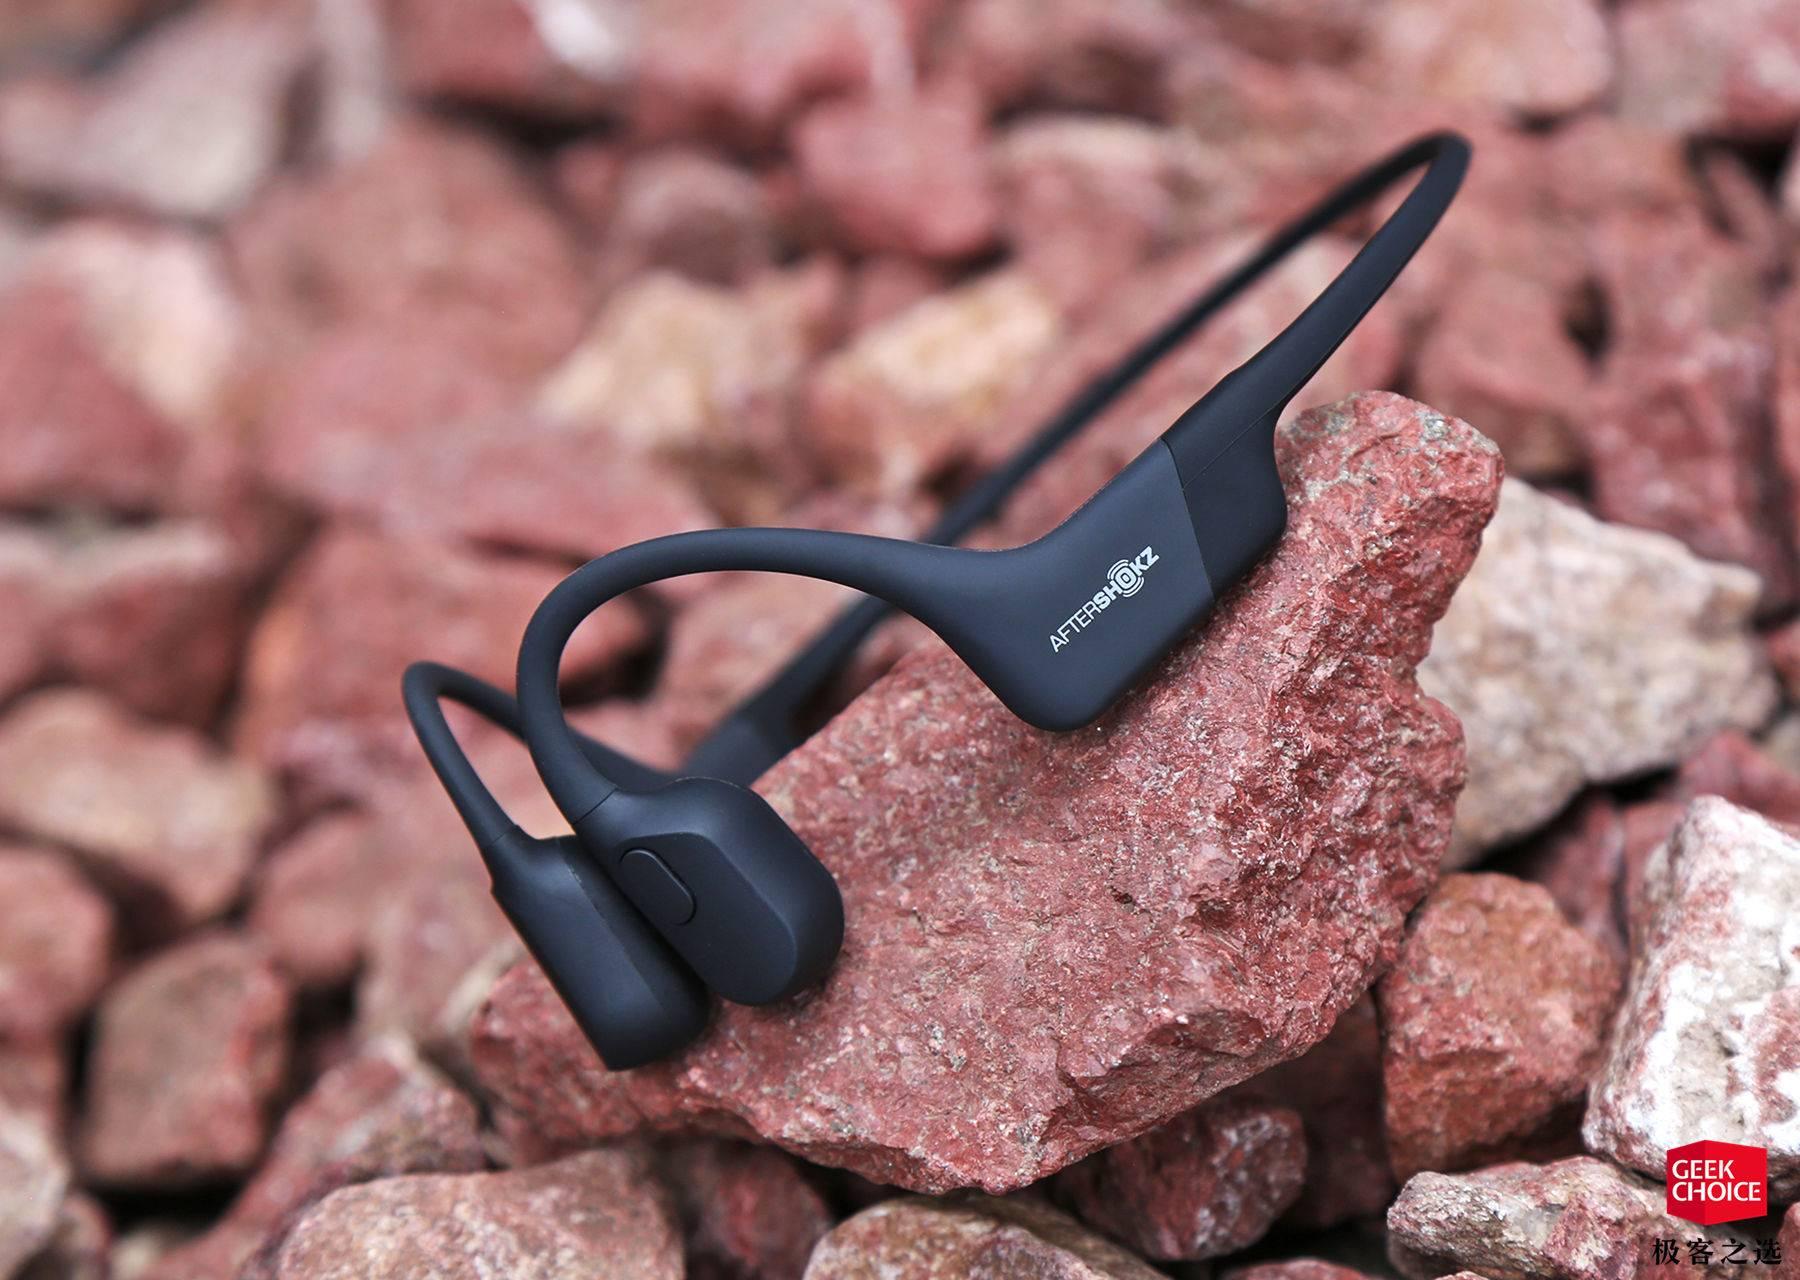 韶音AEROPEX骨传导耳机体验 三个按键控制简单高效